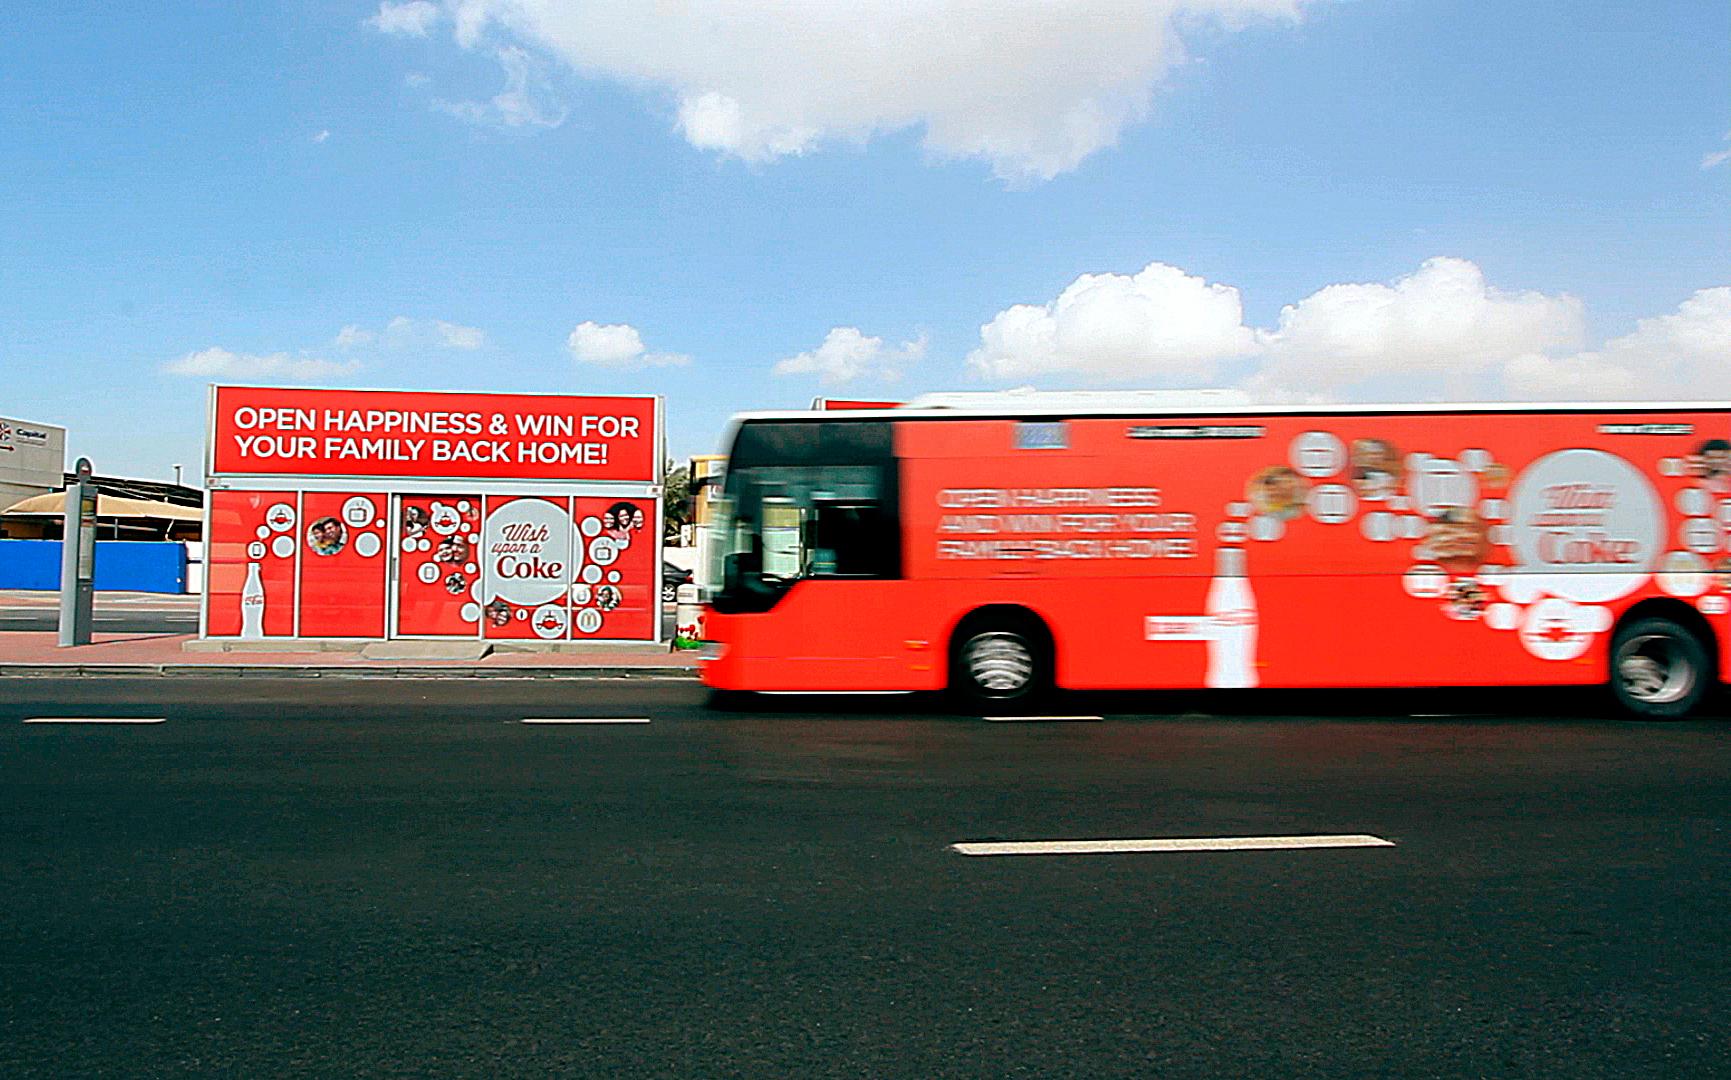 Coke-Wish-Upon-A-Coke-Outdoor-Bus-Shelter-Bus-Wrap.jpg